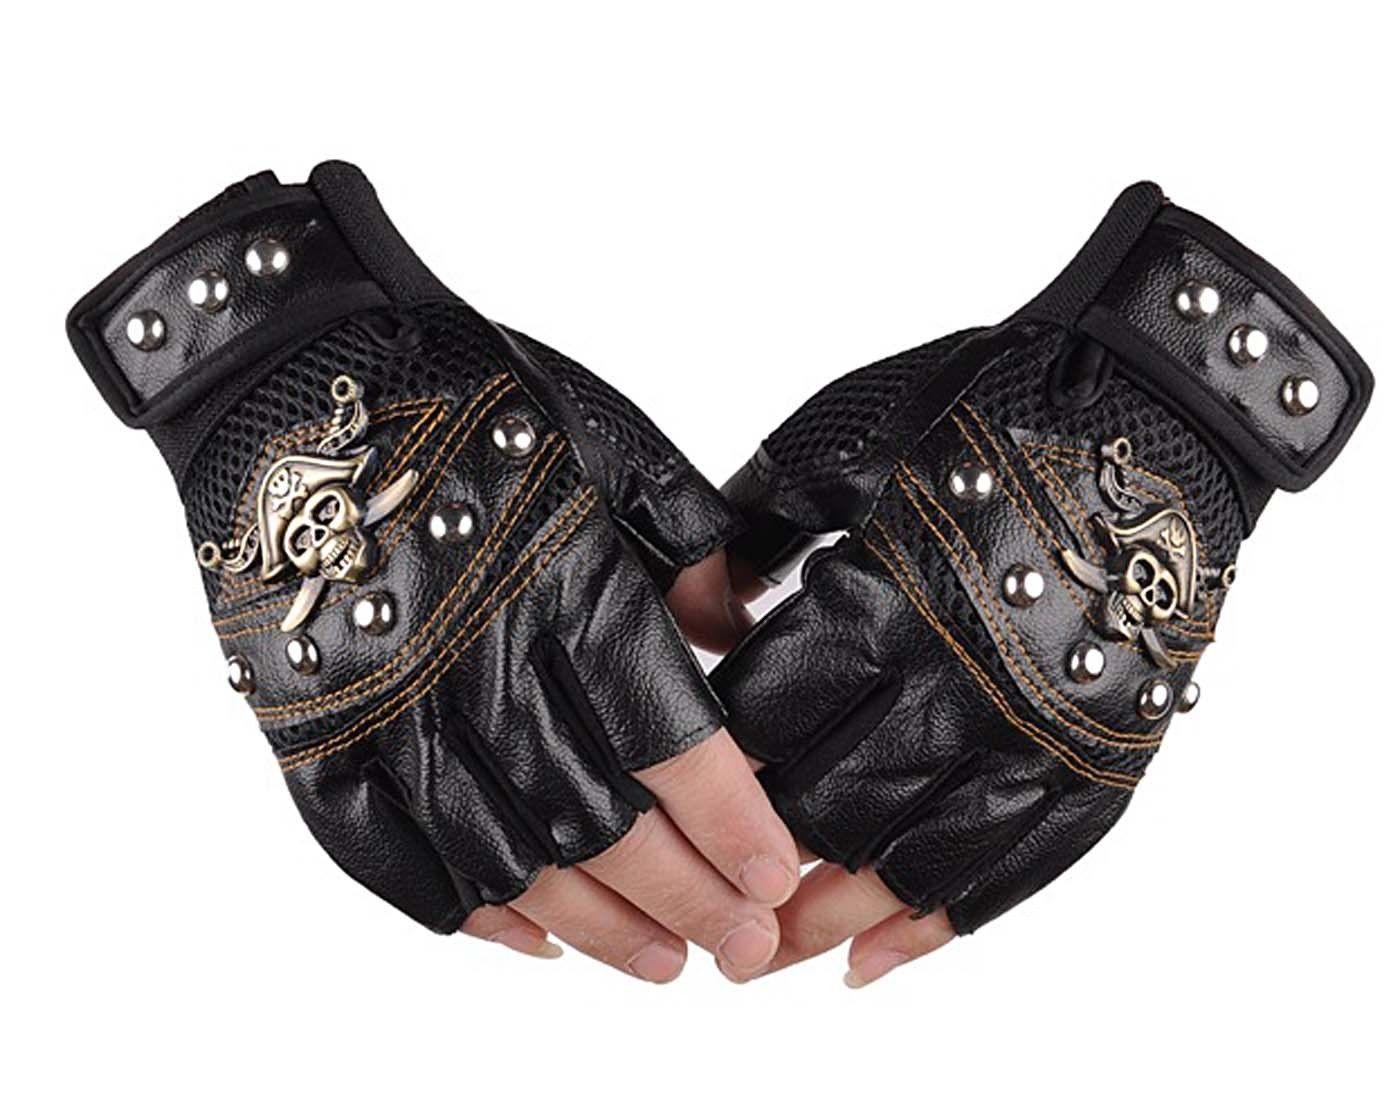 rebelsmarket_mens_punk_skull_stud_biker_driving_motorcycle_fingerless_leather_gloves_gloves_5.jpg